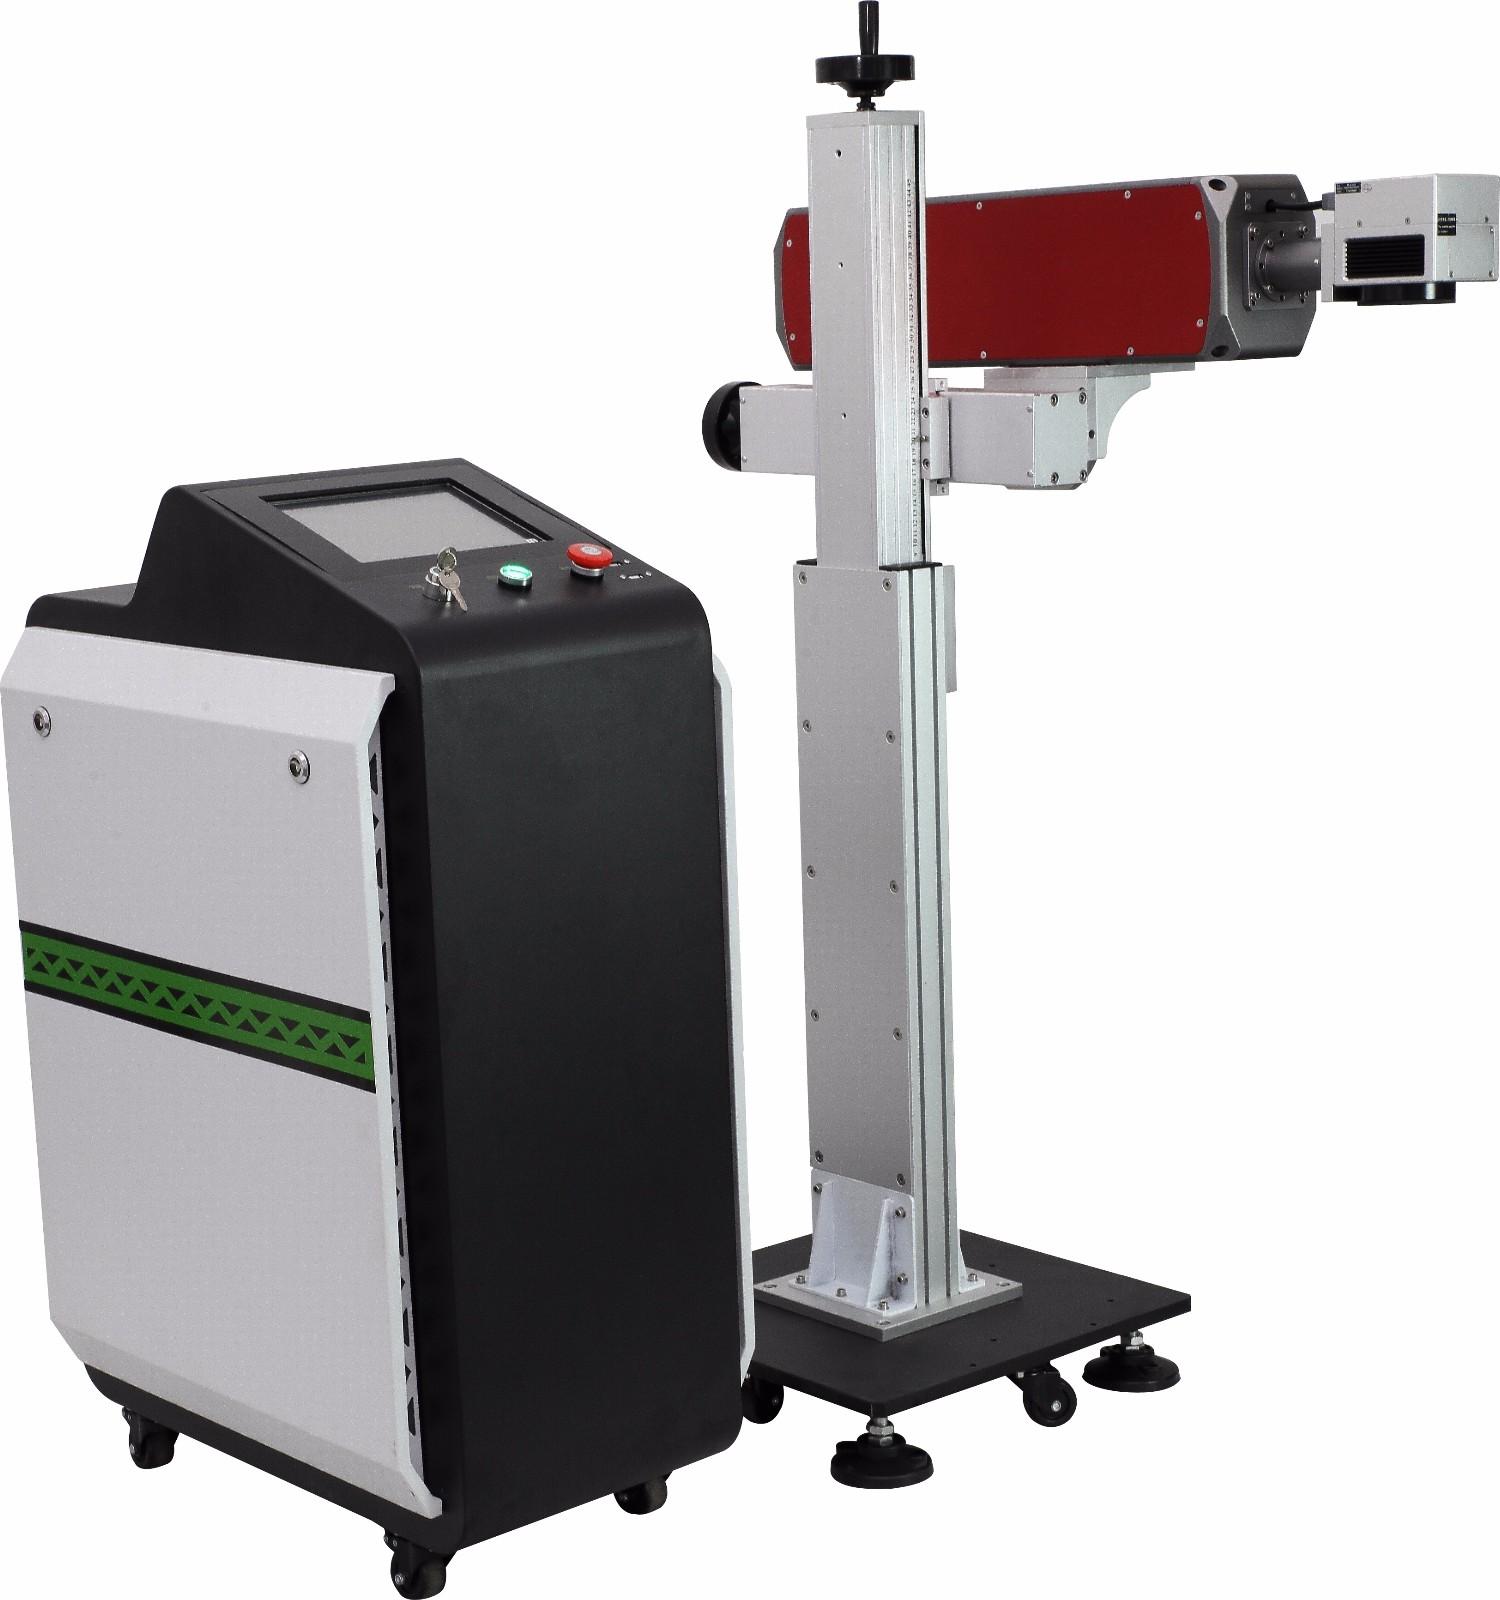 打标机CE认证打标机设备标识设备/打标机激光打标机设备标签激光打标机/广州镭码标识设备有限公司